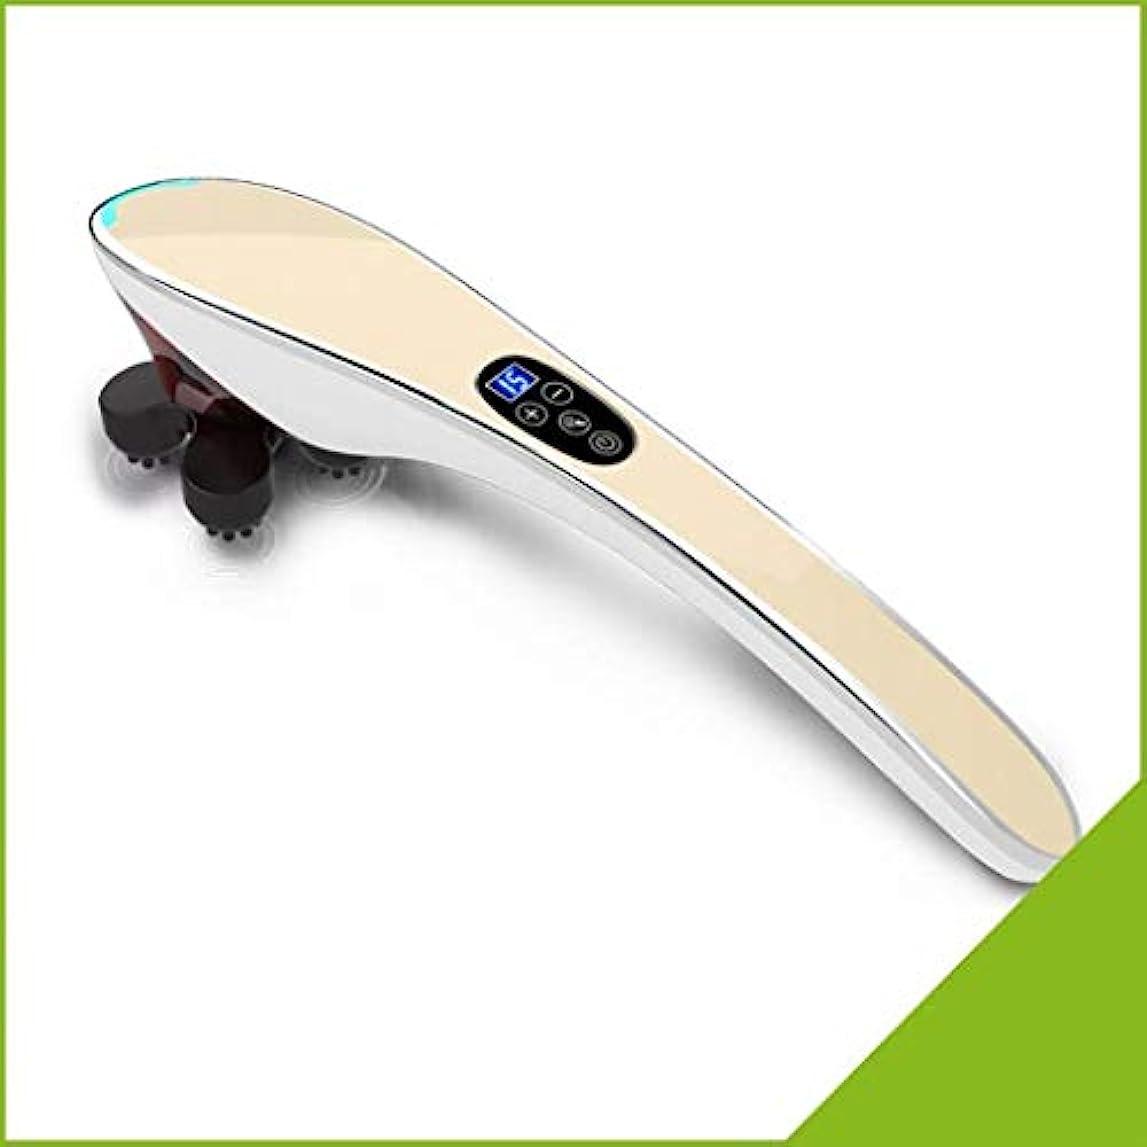 看板謝るまさに電気多機能マッサージ、ドルフィンハンドマッサージ、背中のマッサージハンマー、振動/赤外線/暖房/ローラーマッサージ、首/腰椎/ボディマッサージャー (Color : ゴールド, Size : Charging)